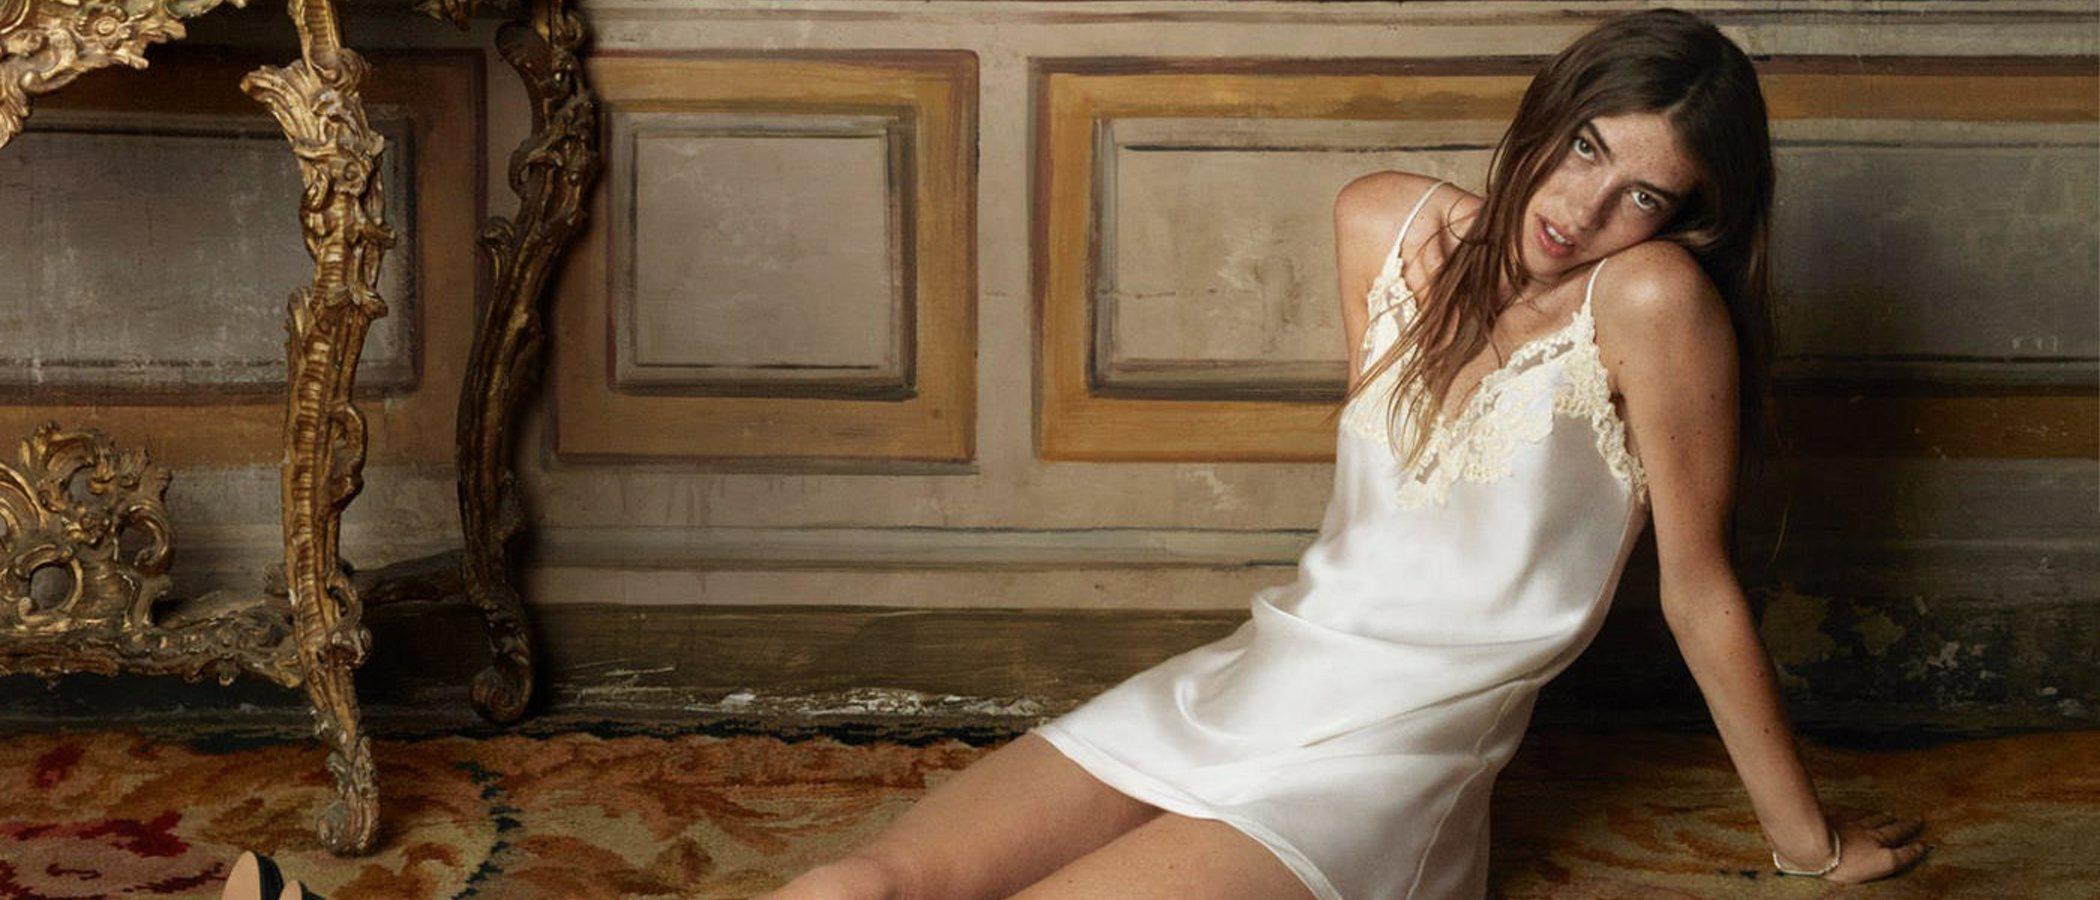 La Perla celebra su 65 aniversario con el lanzamiento de una colección cápsula única y muy sensual